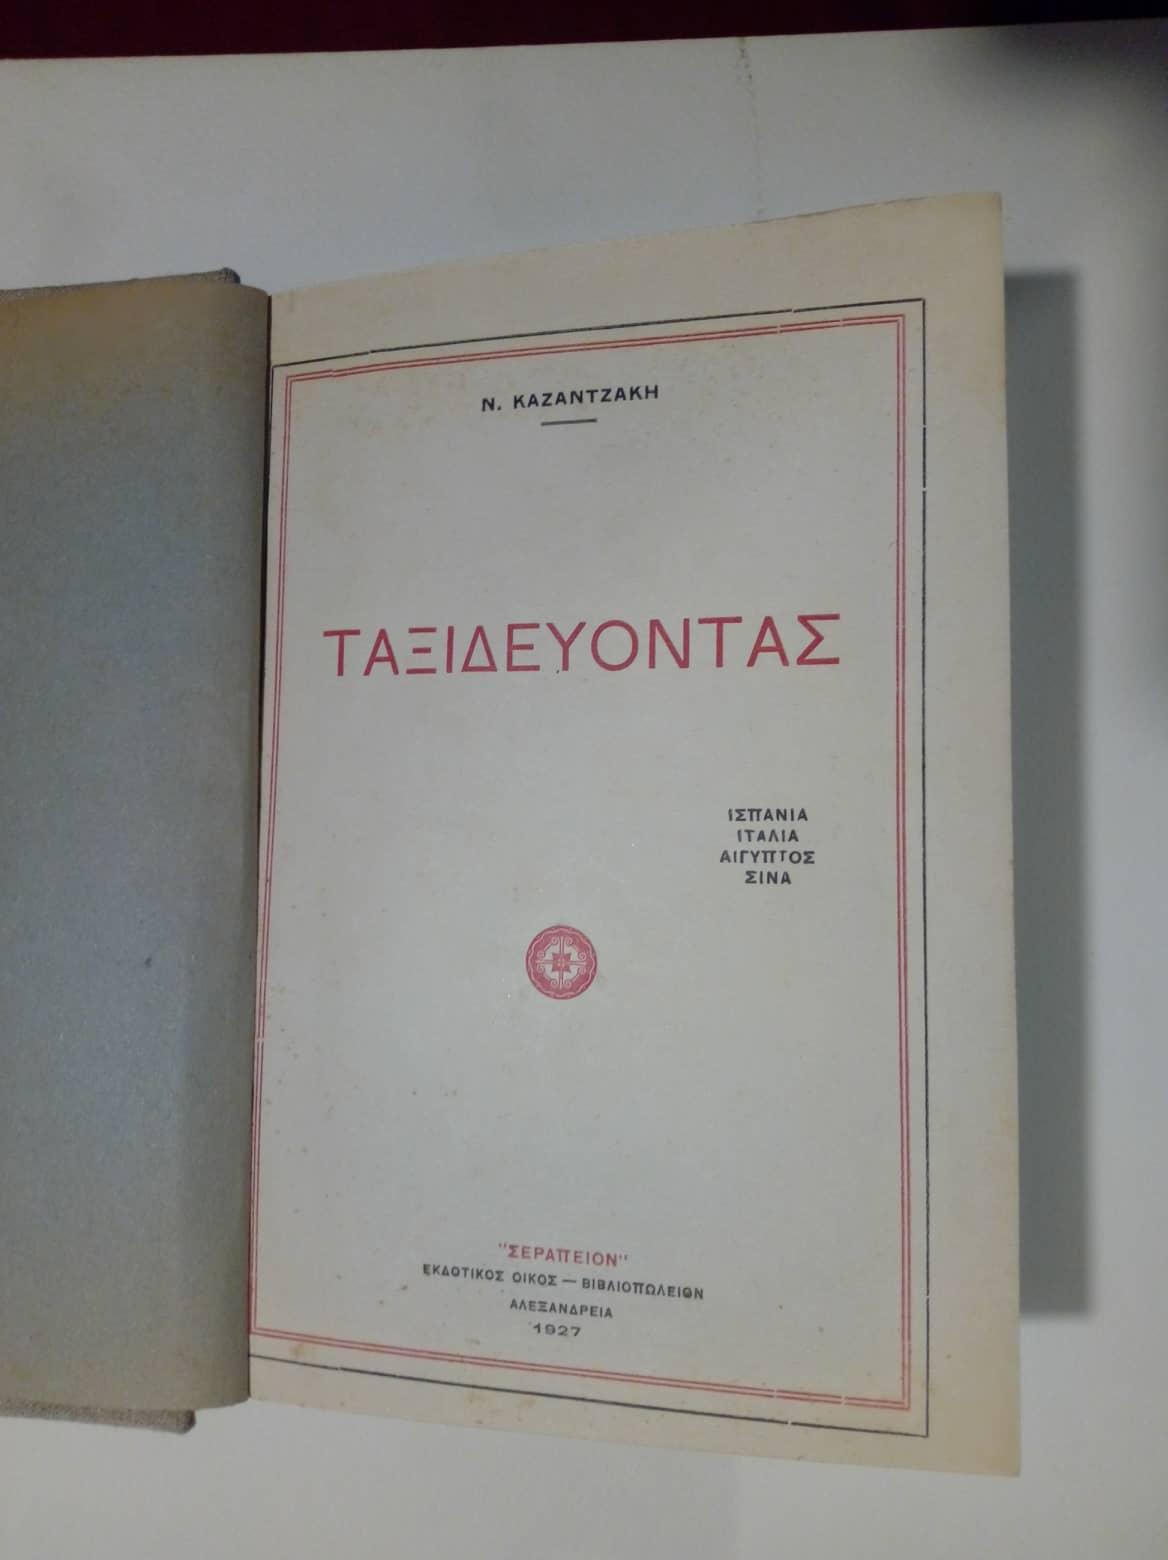 Ταξιδεύοντας Νίκος Καζαντζάκης Σεράπειον 1927